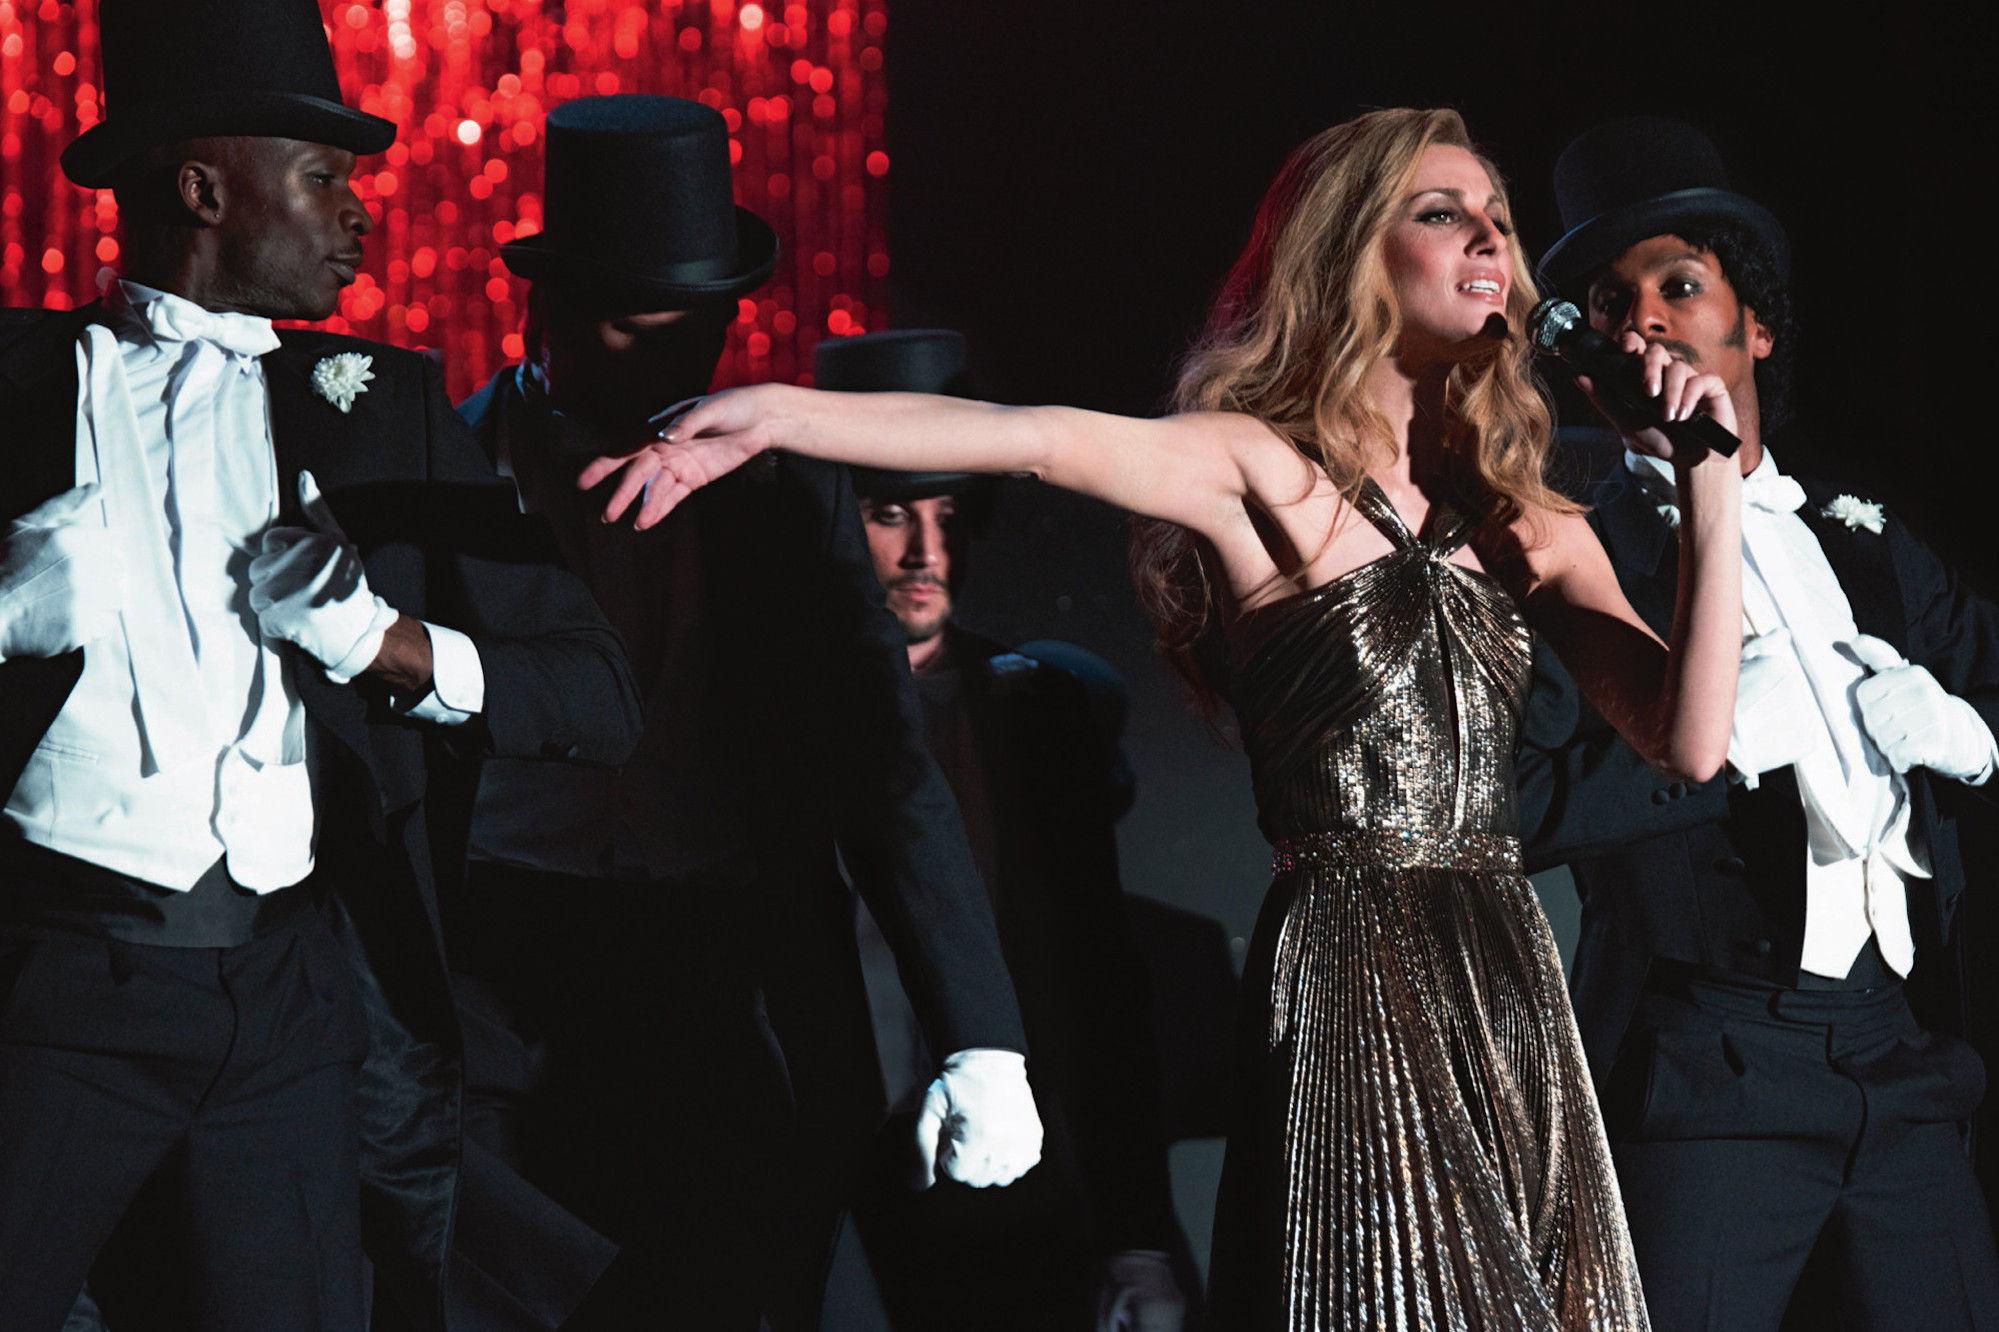 """Un'incredibile somiglianza accomuna Sveva Alviti, attrice e modella romana, a Dalida, la cantante italiana morta nel 1987 dopo aver venduto più di 170 milioni di dischi in tutto il mondo. """"Dalida"""", [...]"""